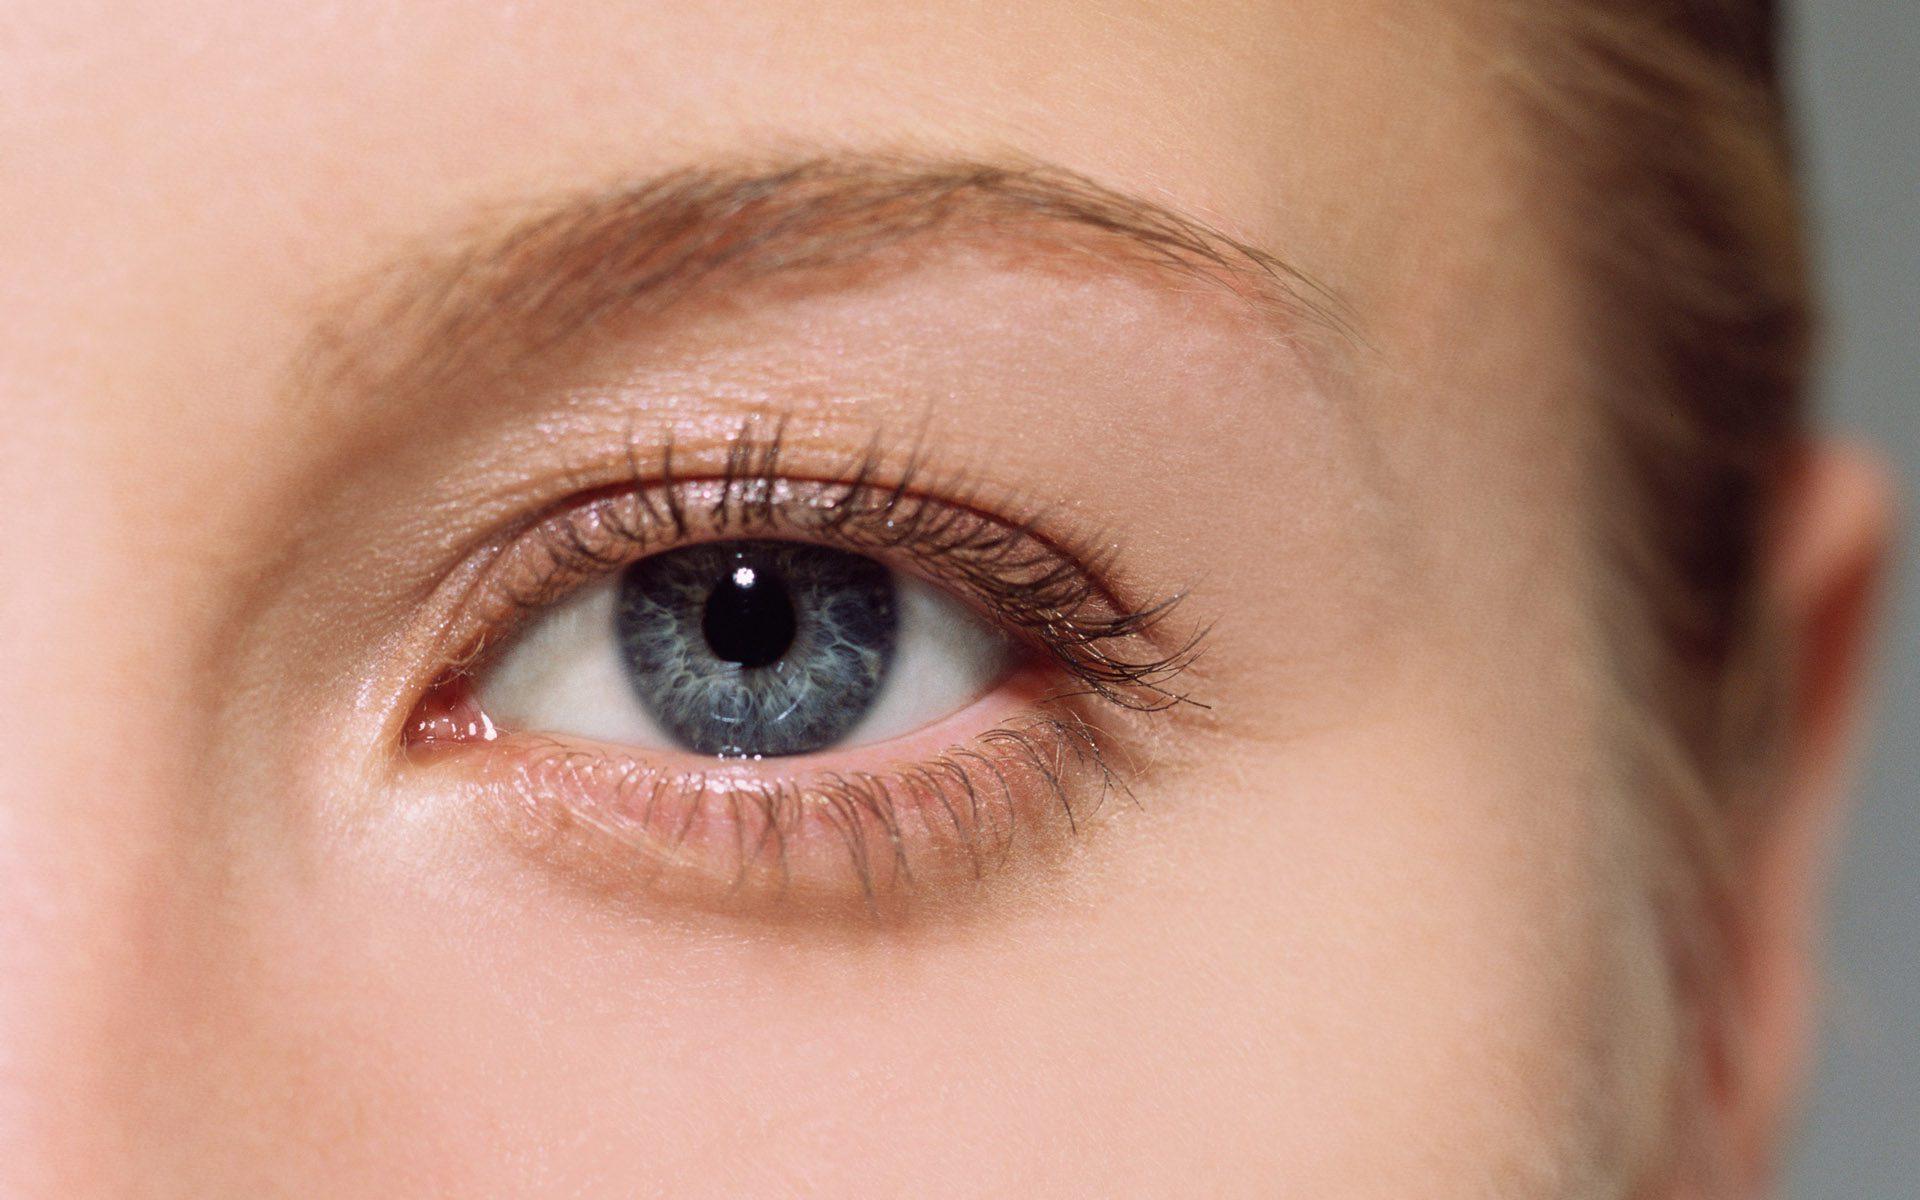 שמירה על בריאות העיניים